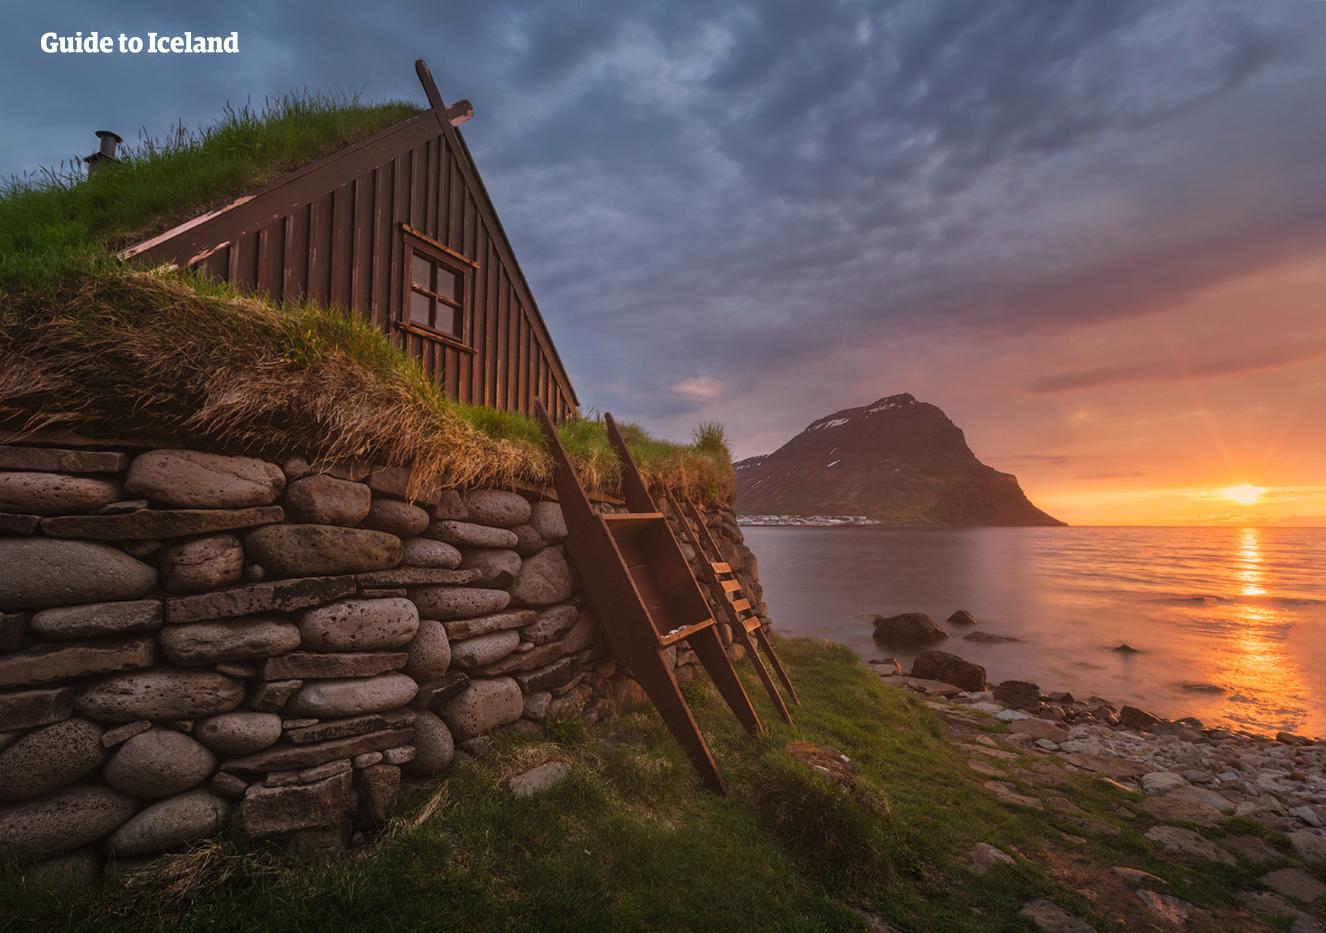 Ein altes traditionelles Torfhaus in Bolungarvik in den Westfjorden Islands.